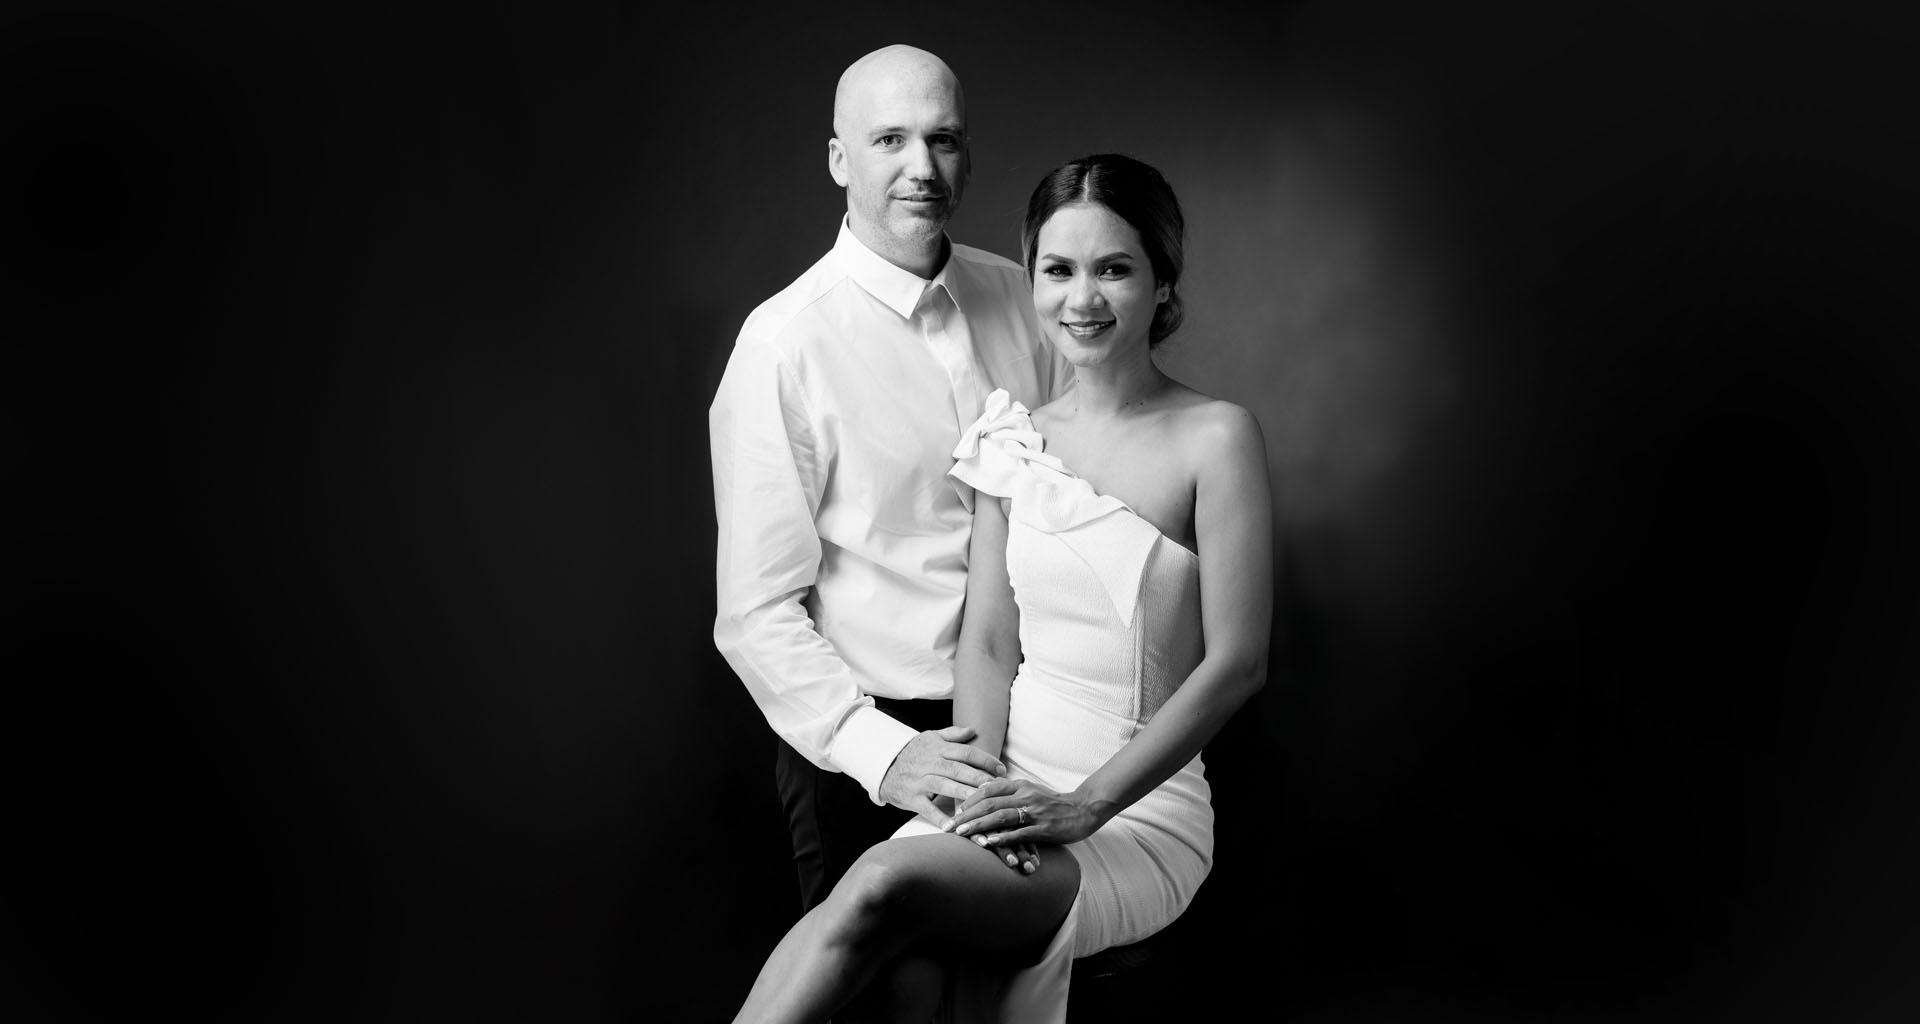 ช่างภาพงานแต่งงาน ช่างภาพพรีเวดดิ้ง